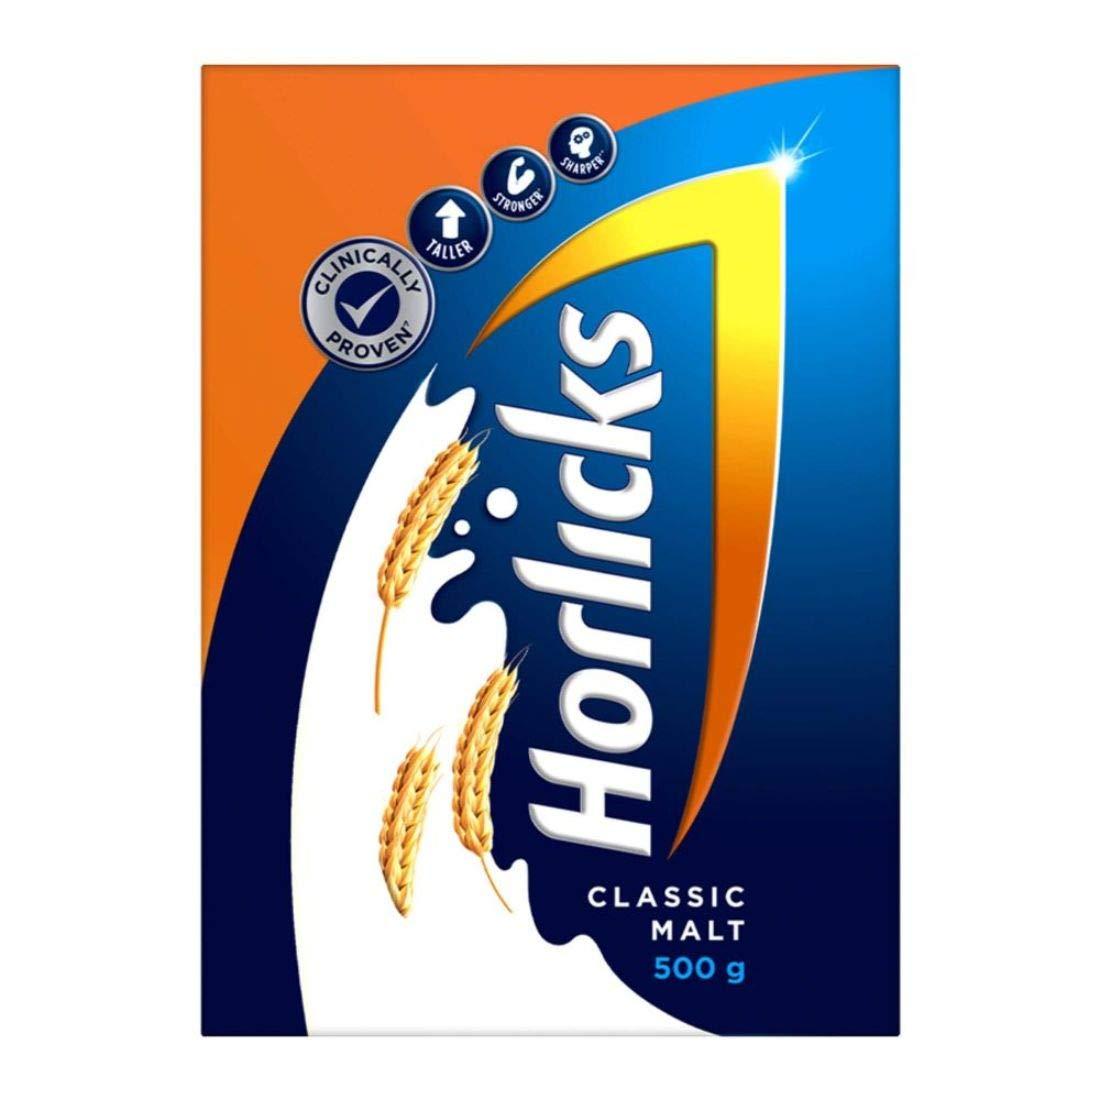 Horlicks Health & Nutrition drink -Refill pack